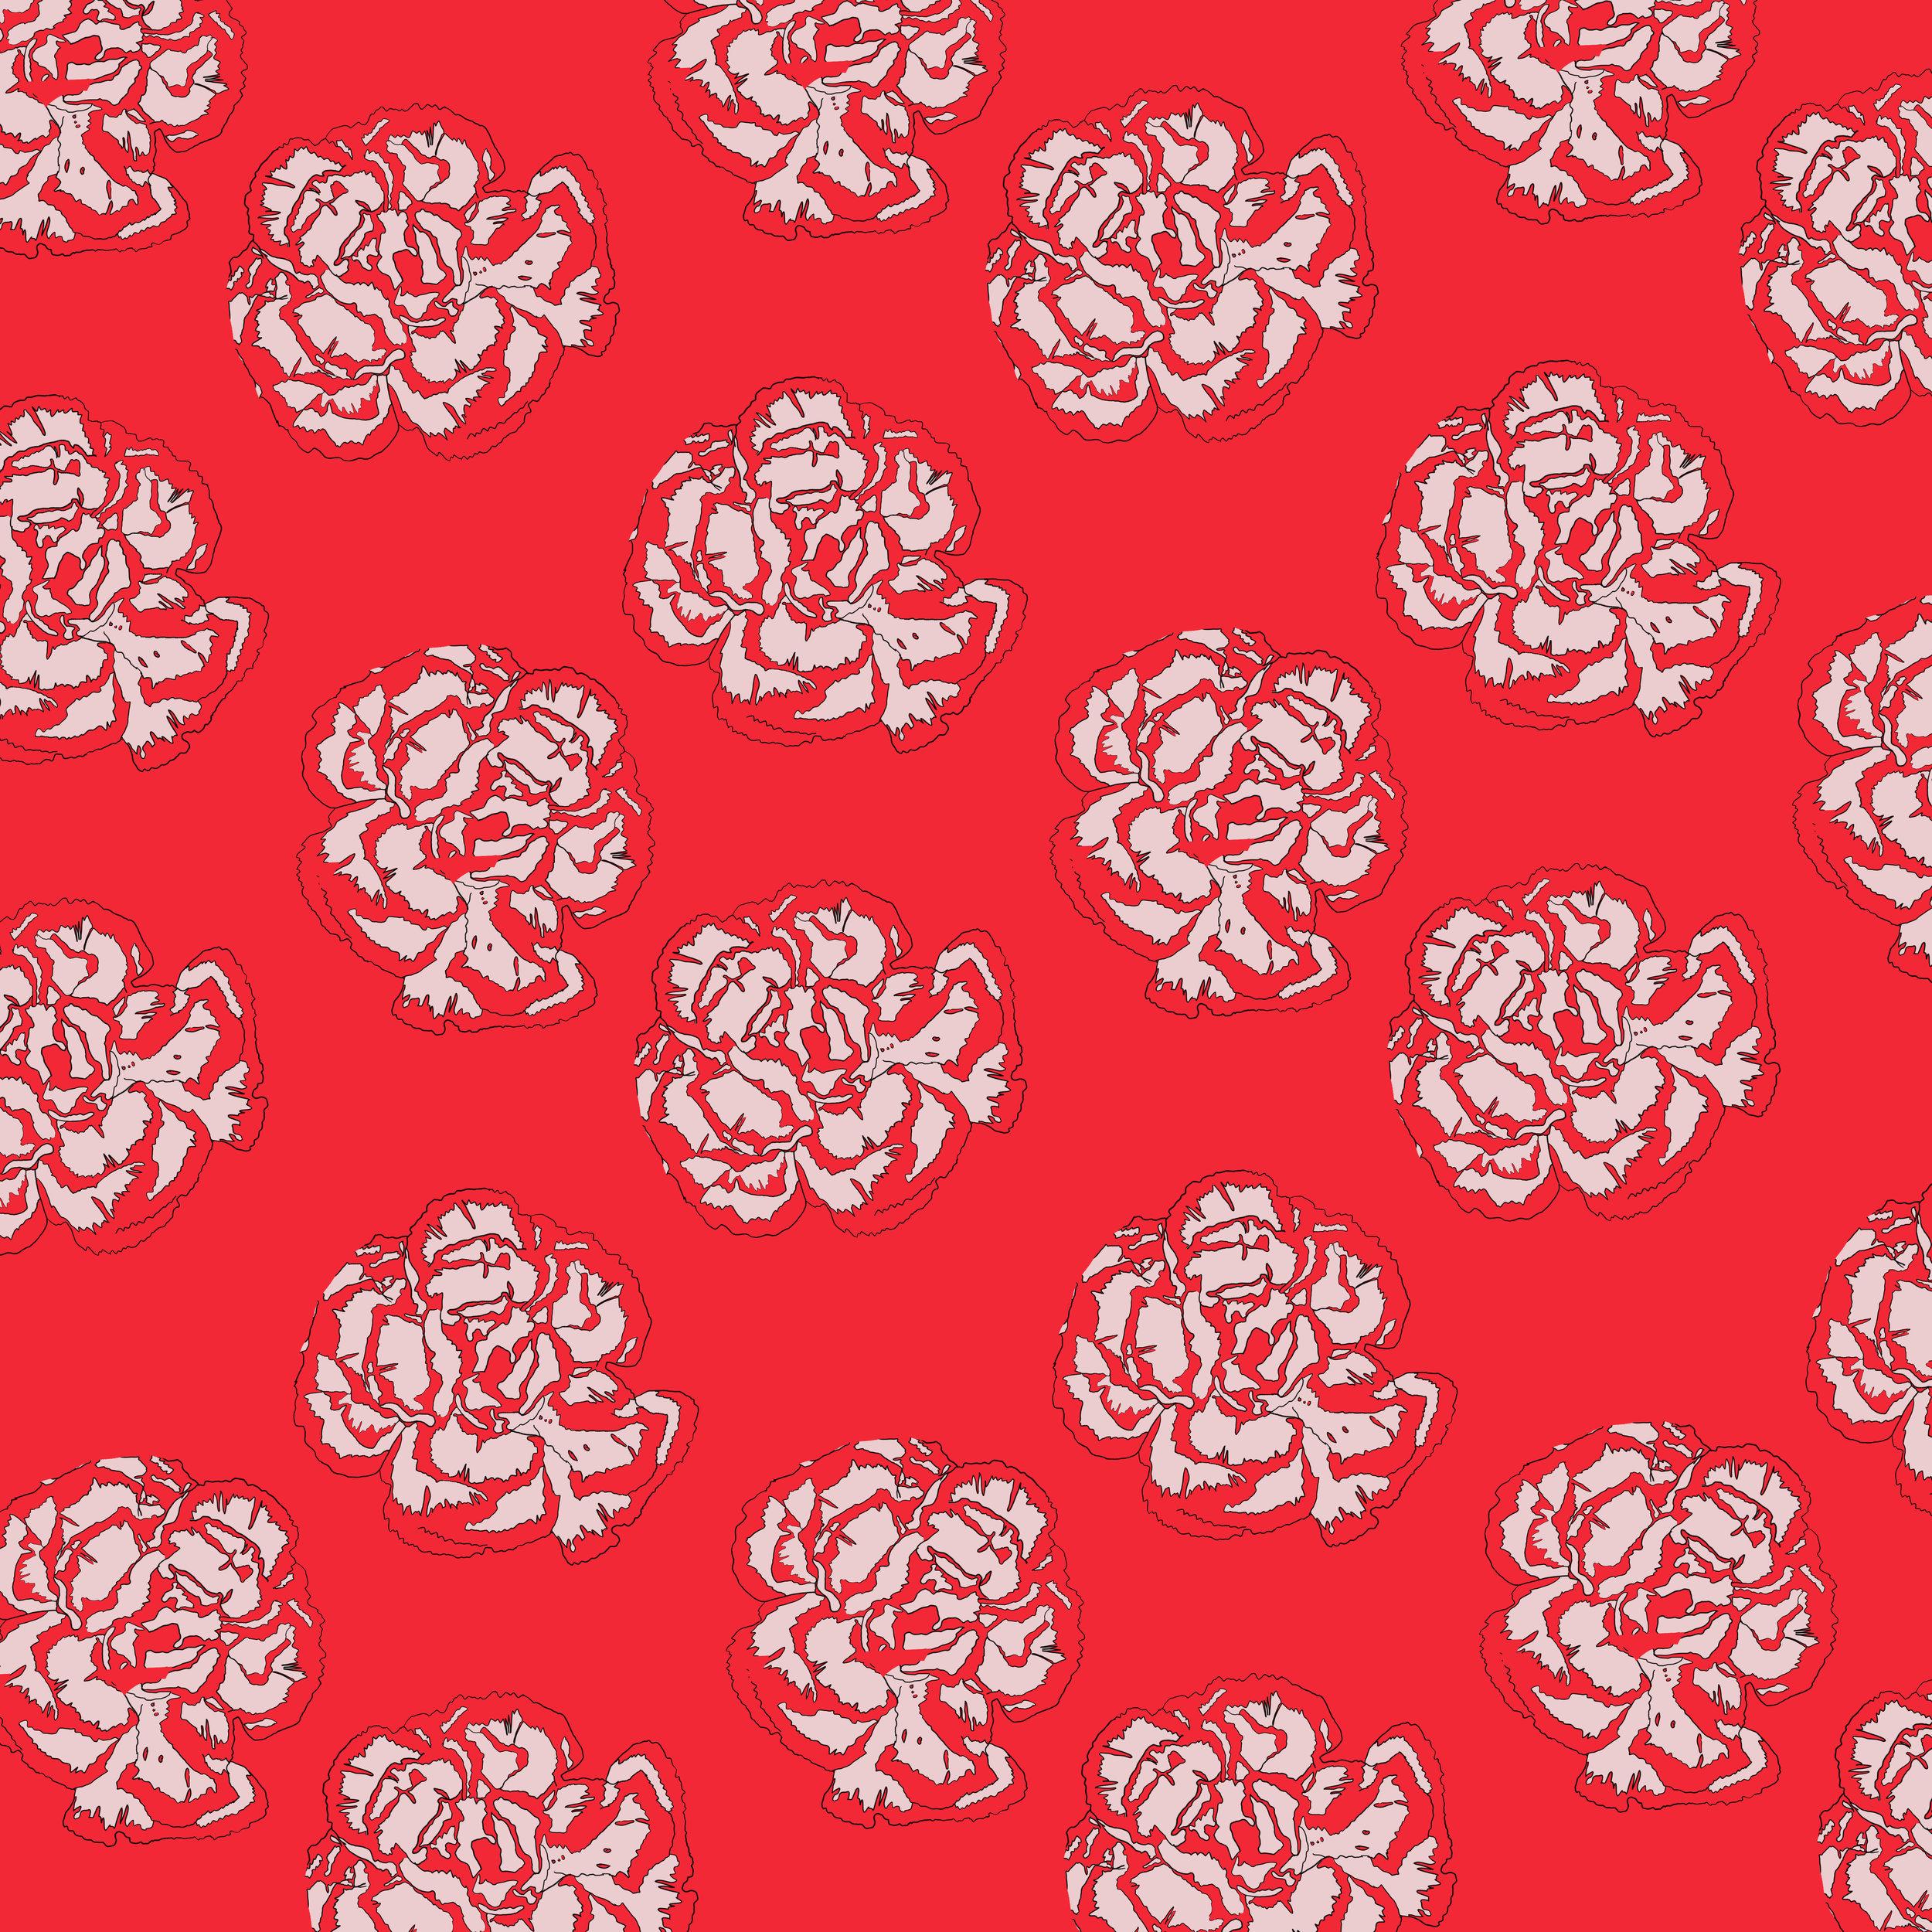 16_Flowers.jpg